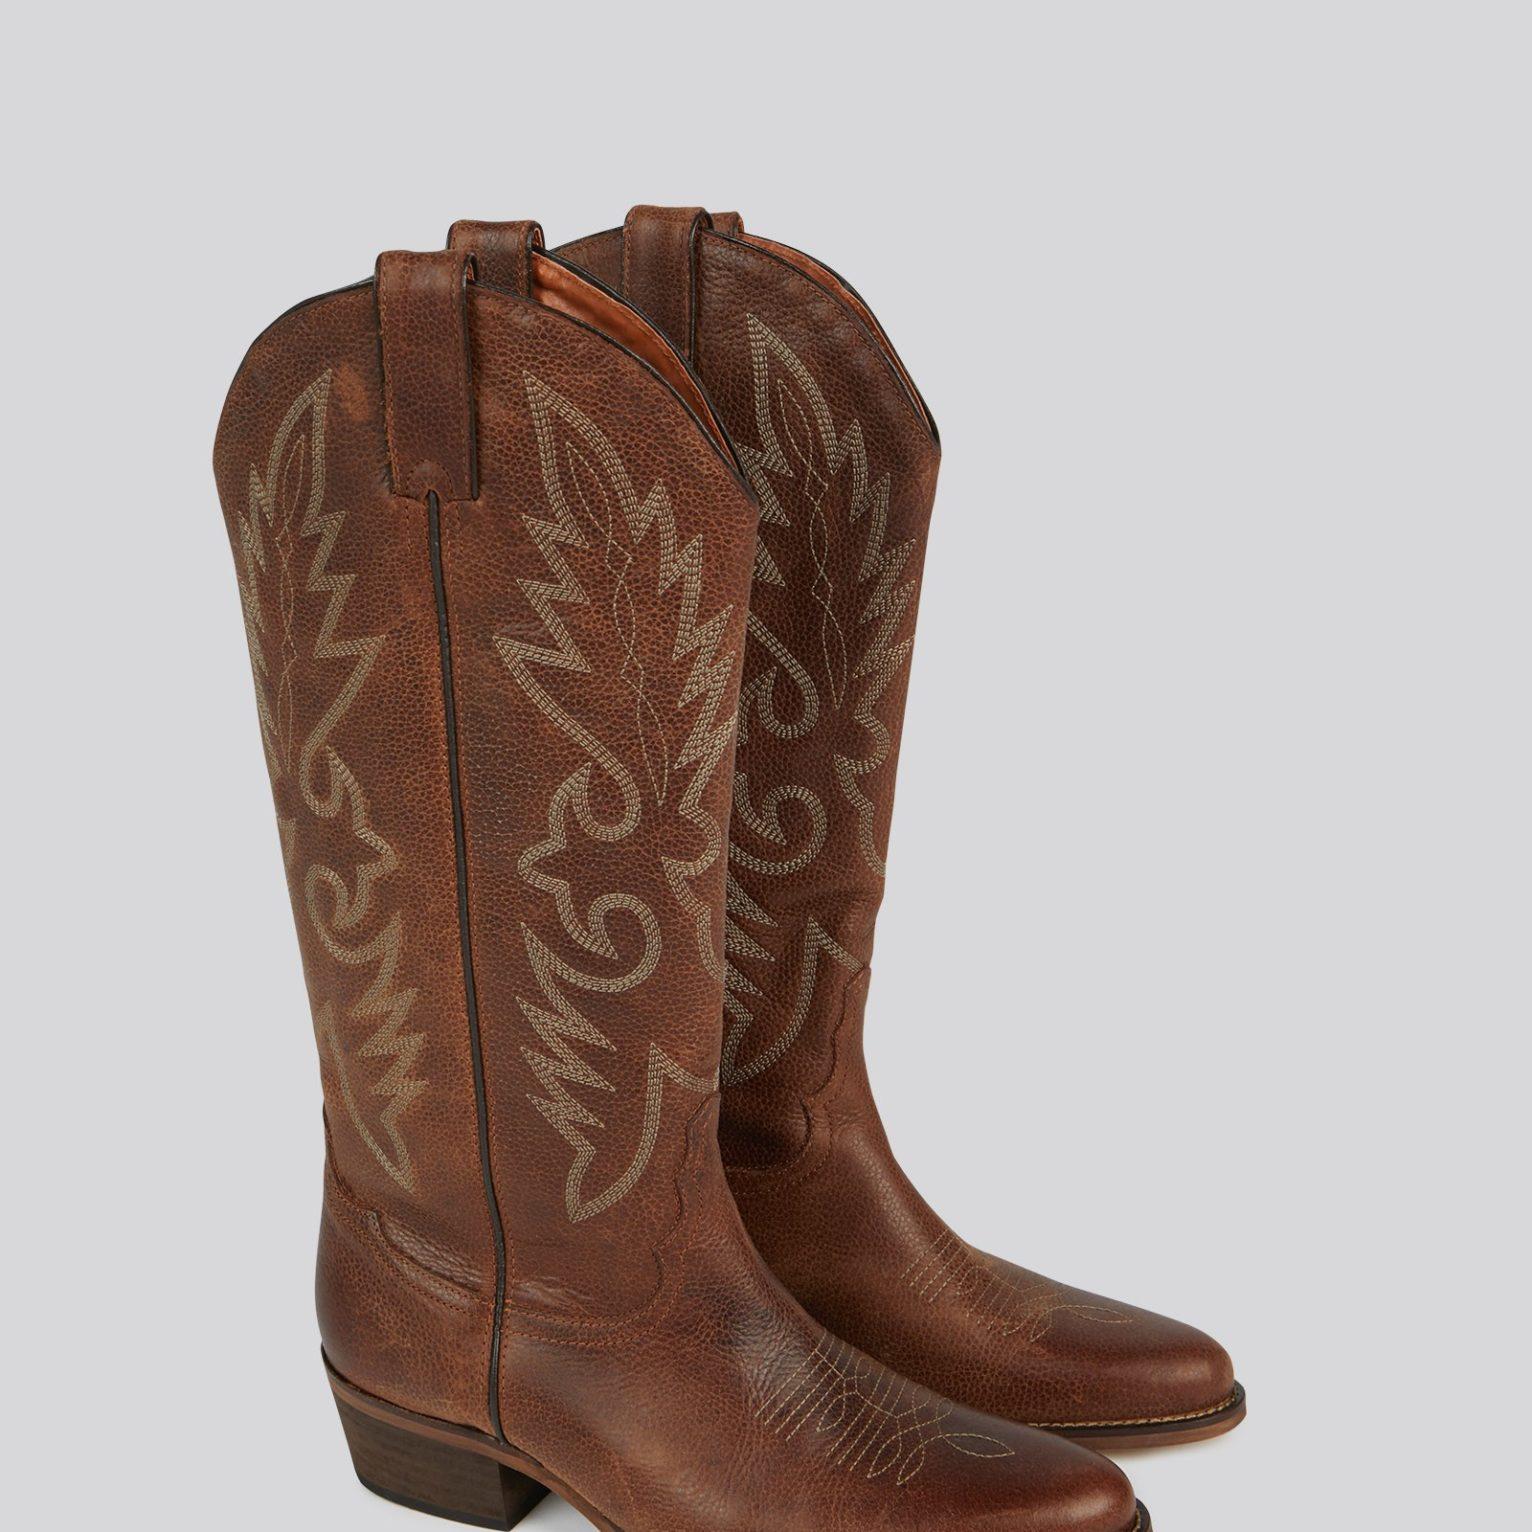 Botas cowboy de caña alta